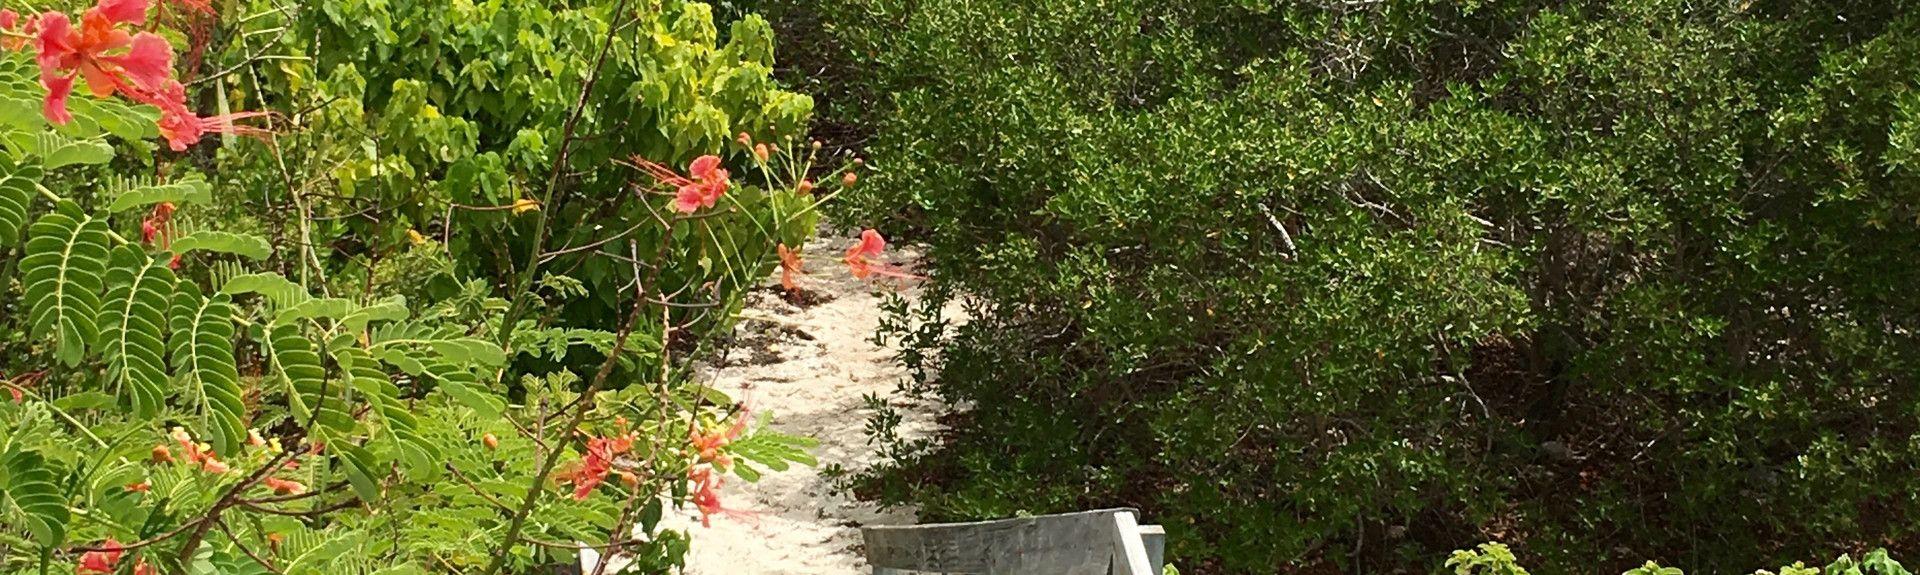 Sabadeco, Kralendijk, Caribbean Netherlands